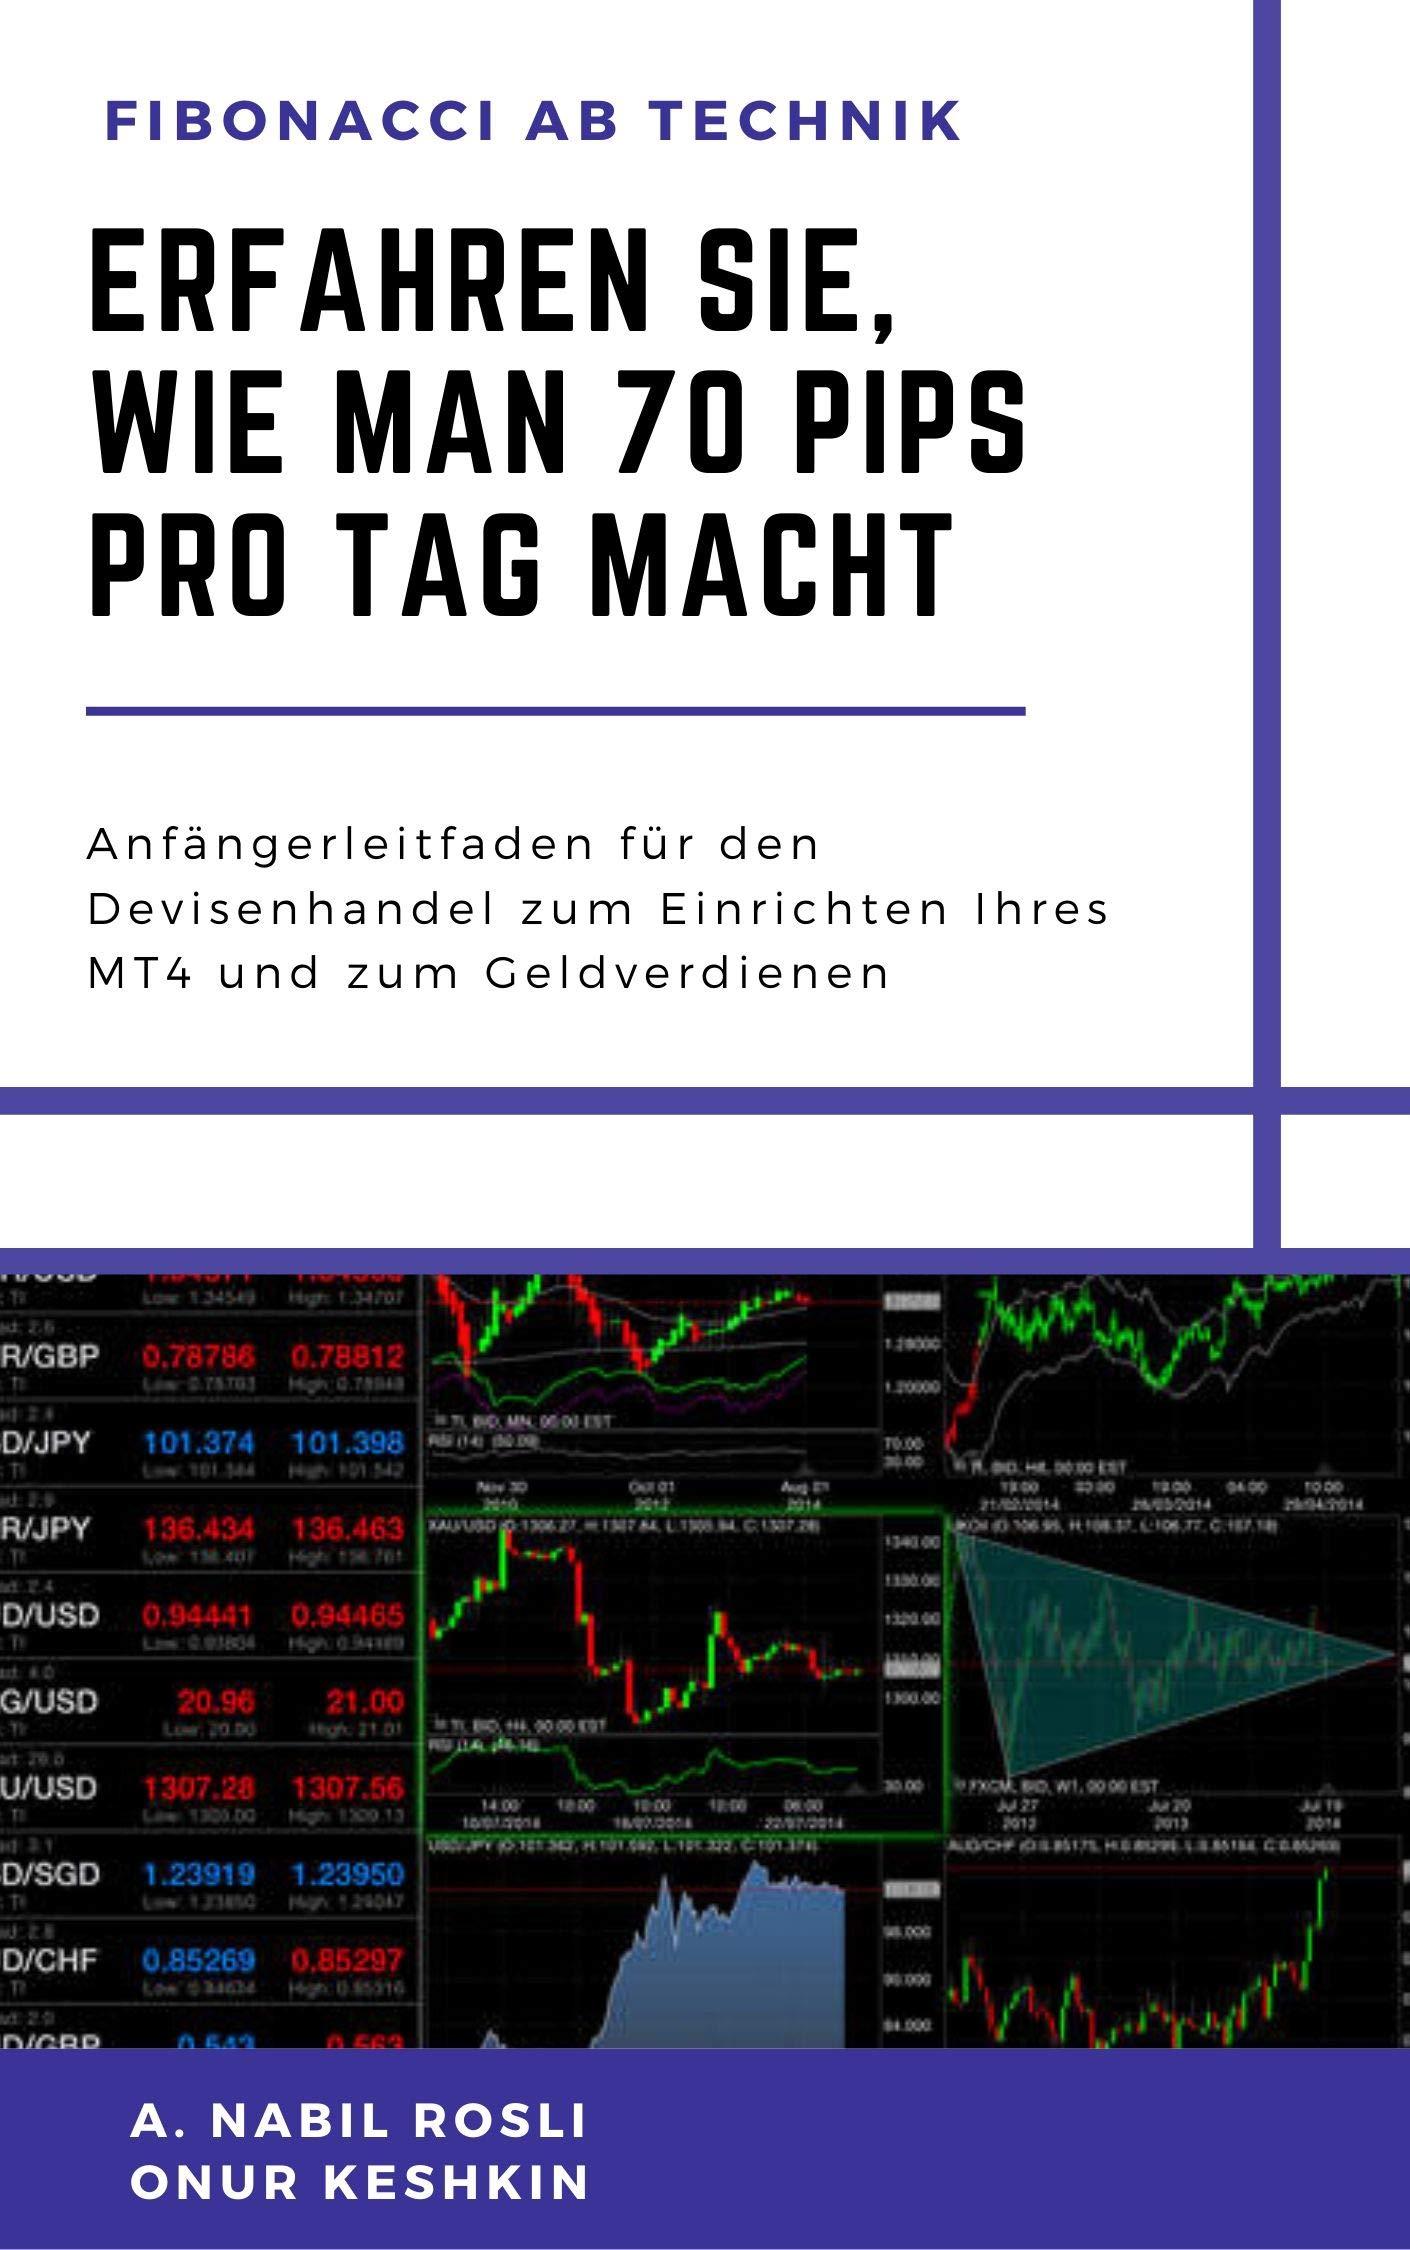 Erfahren Sie Wie Man 70 Pips Pro Tag Macht  Schritt Für Schritt Geld Verdienen Mit Fibonacci AB  NBL 7